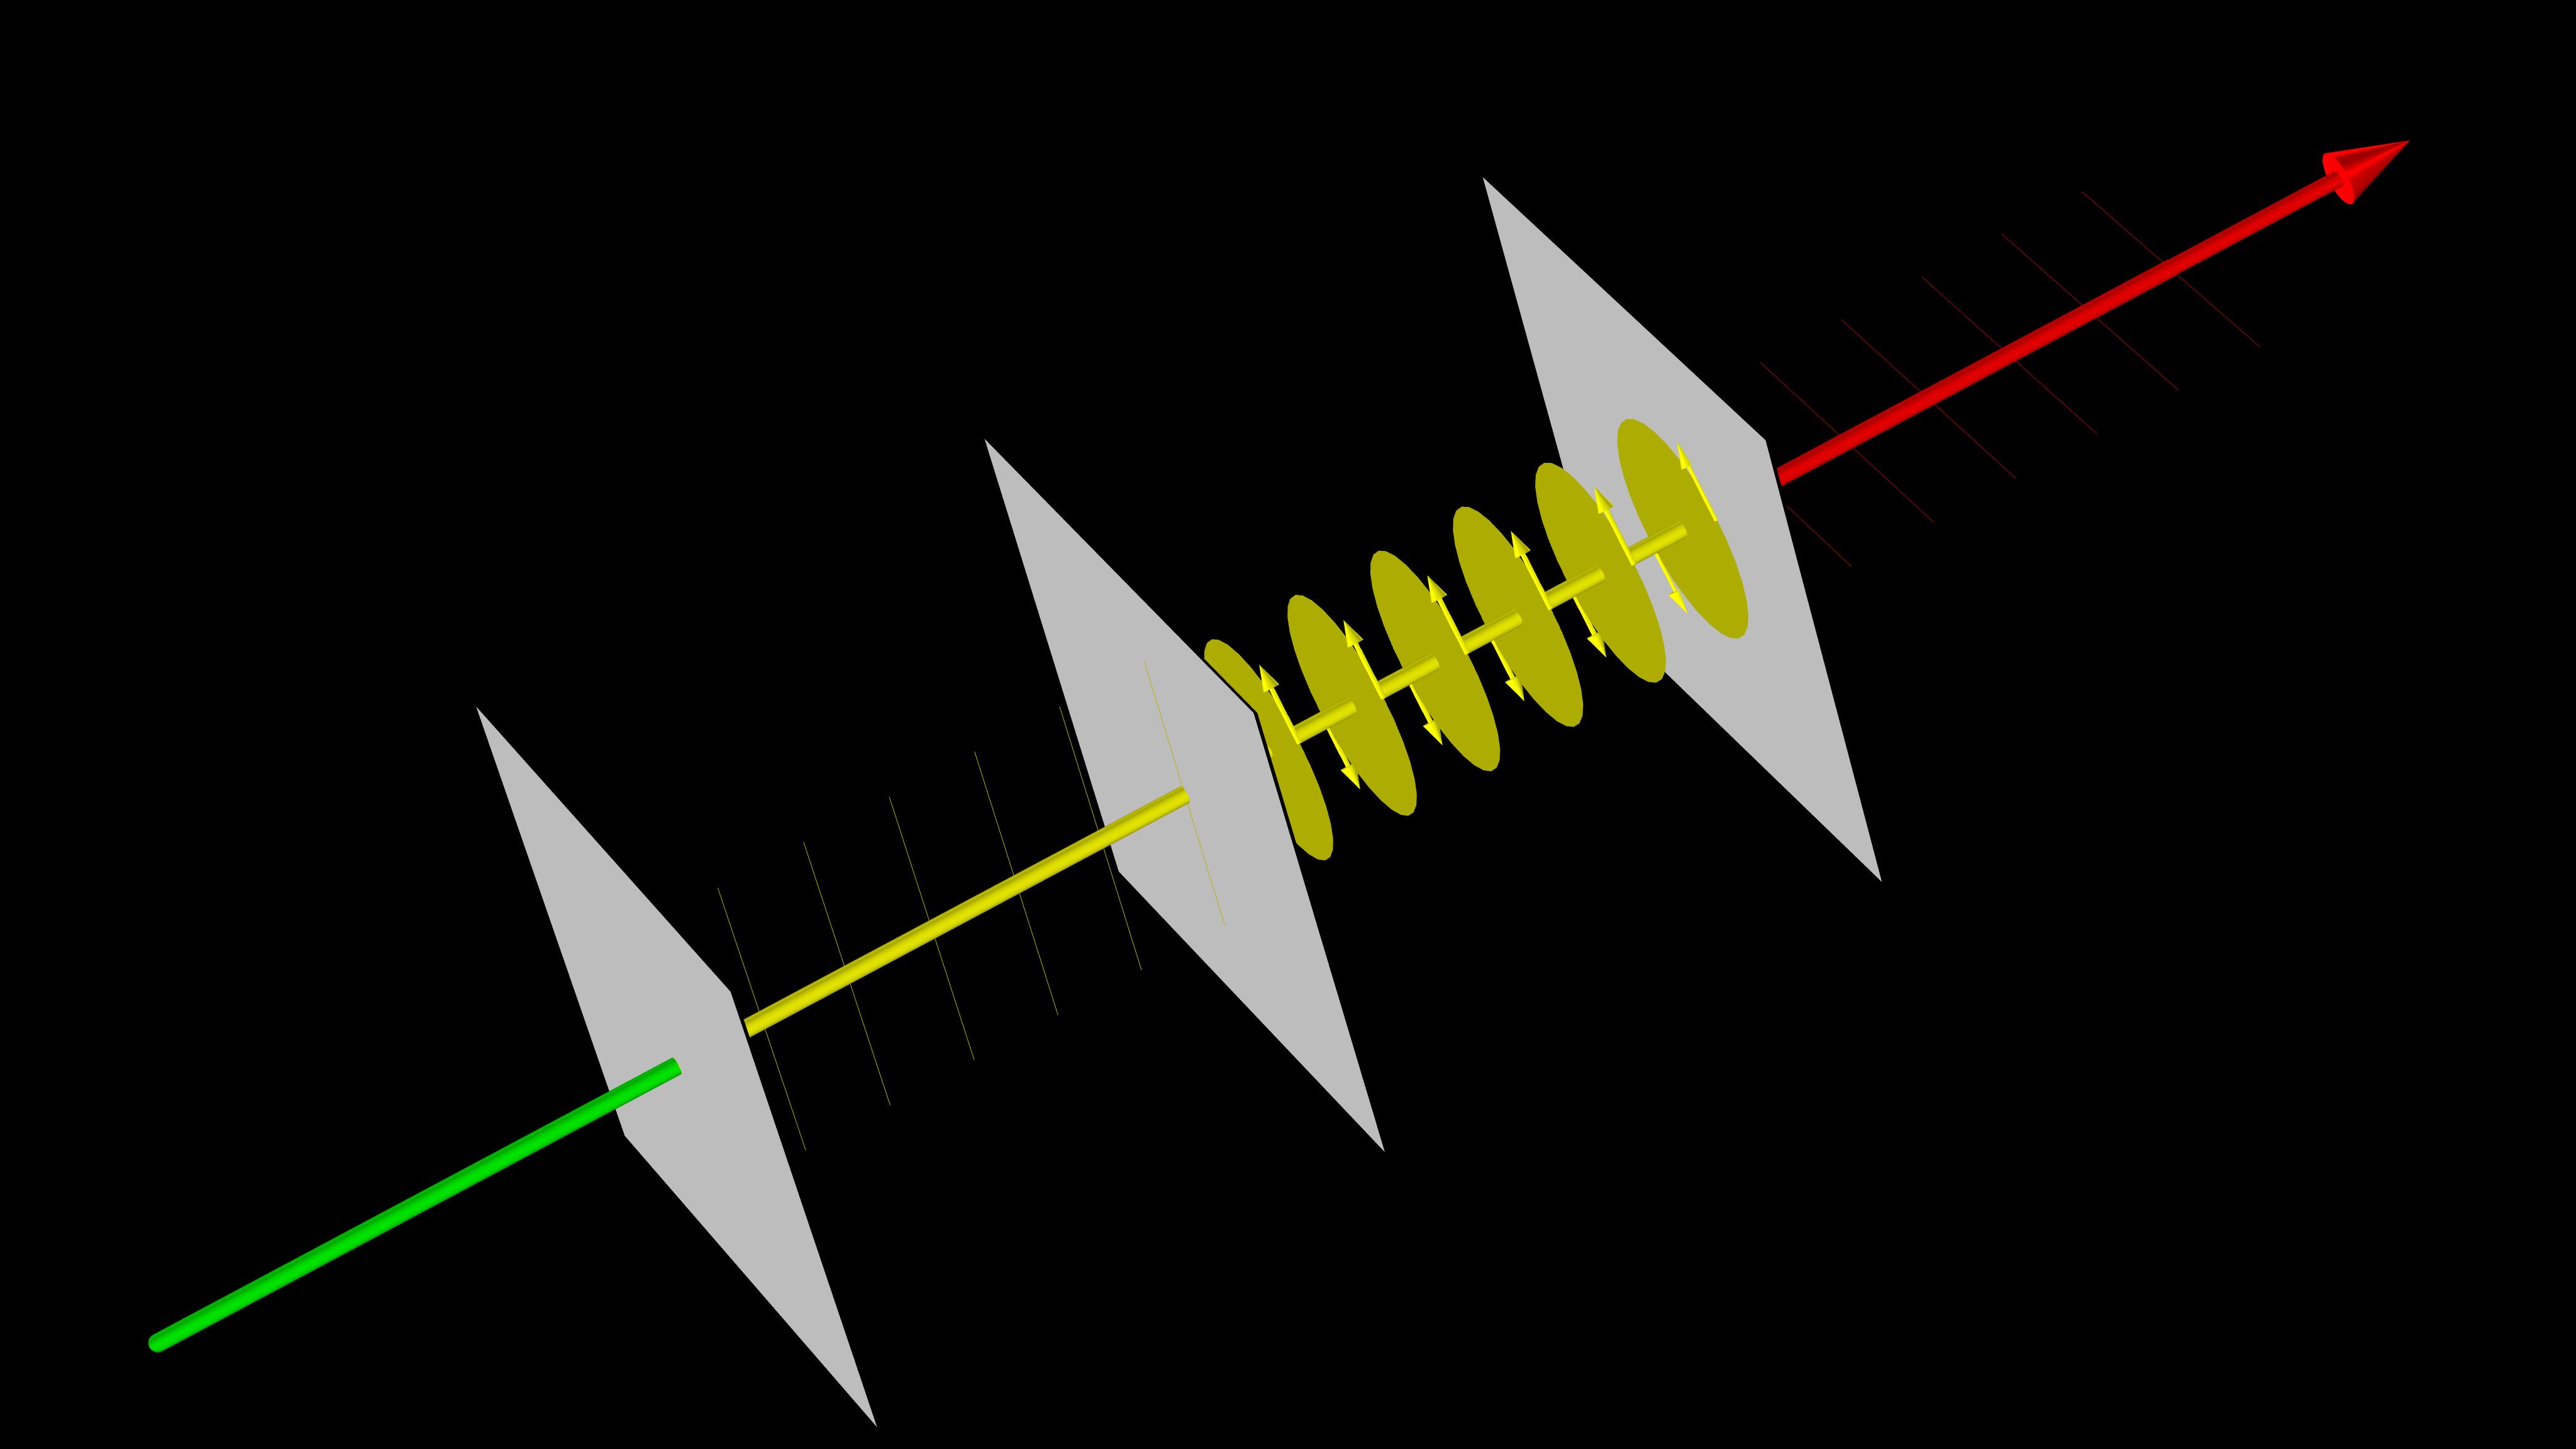 Визуализация света, проходящего через линейные поляризаторы и четвертьволновые пластинки.